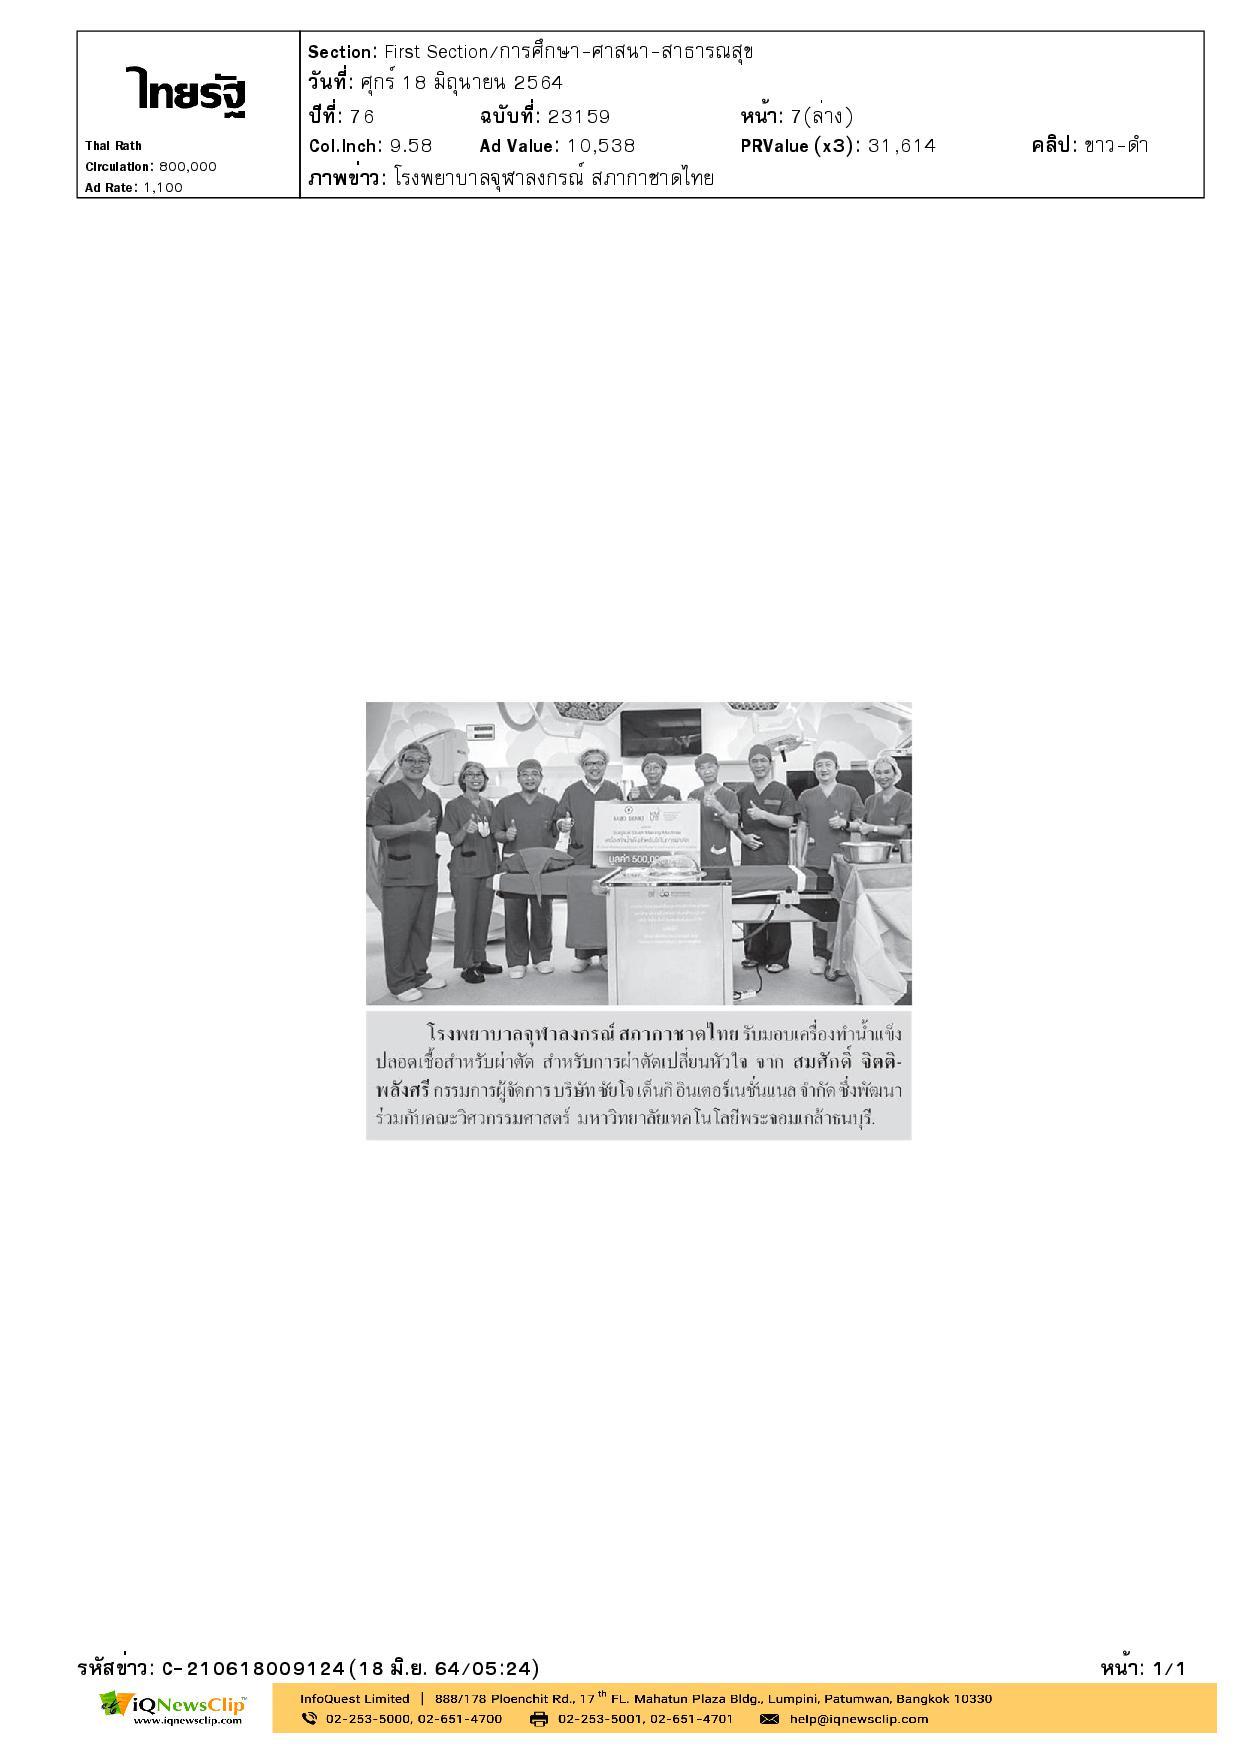 รพ.จุฬาฯ รับมอบเครื่องทำน้ำแข็งปลอดเชื้อ